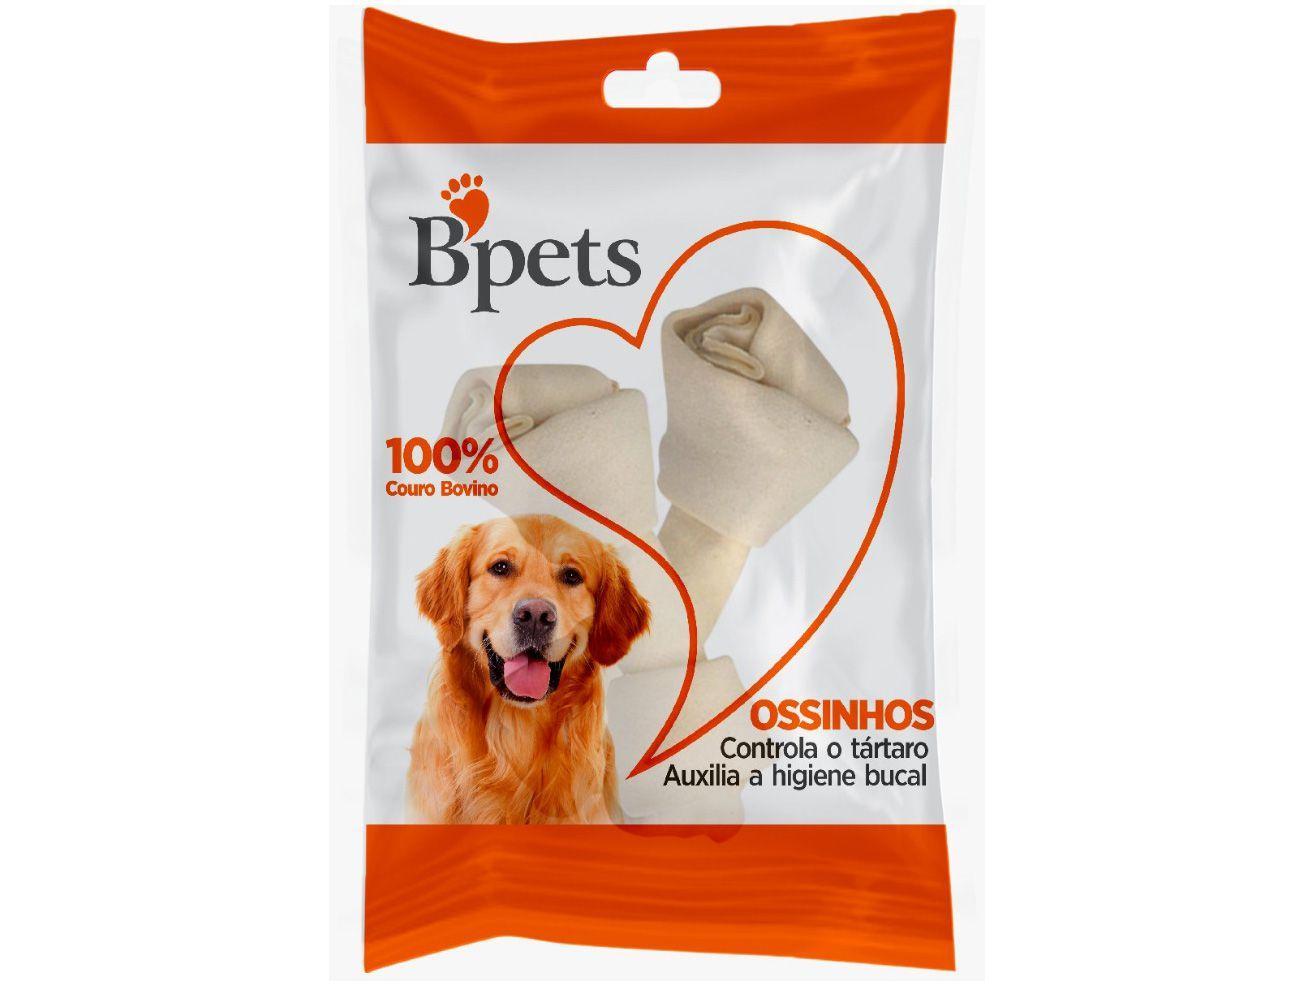 Osso para Cachorro Todas as Idades Bpets - 2/3 Nó Natural 28g 2 Unidades